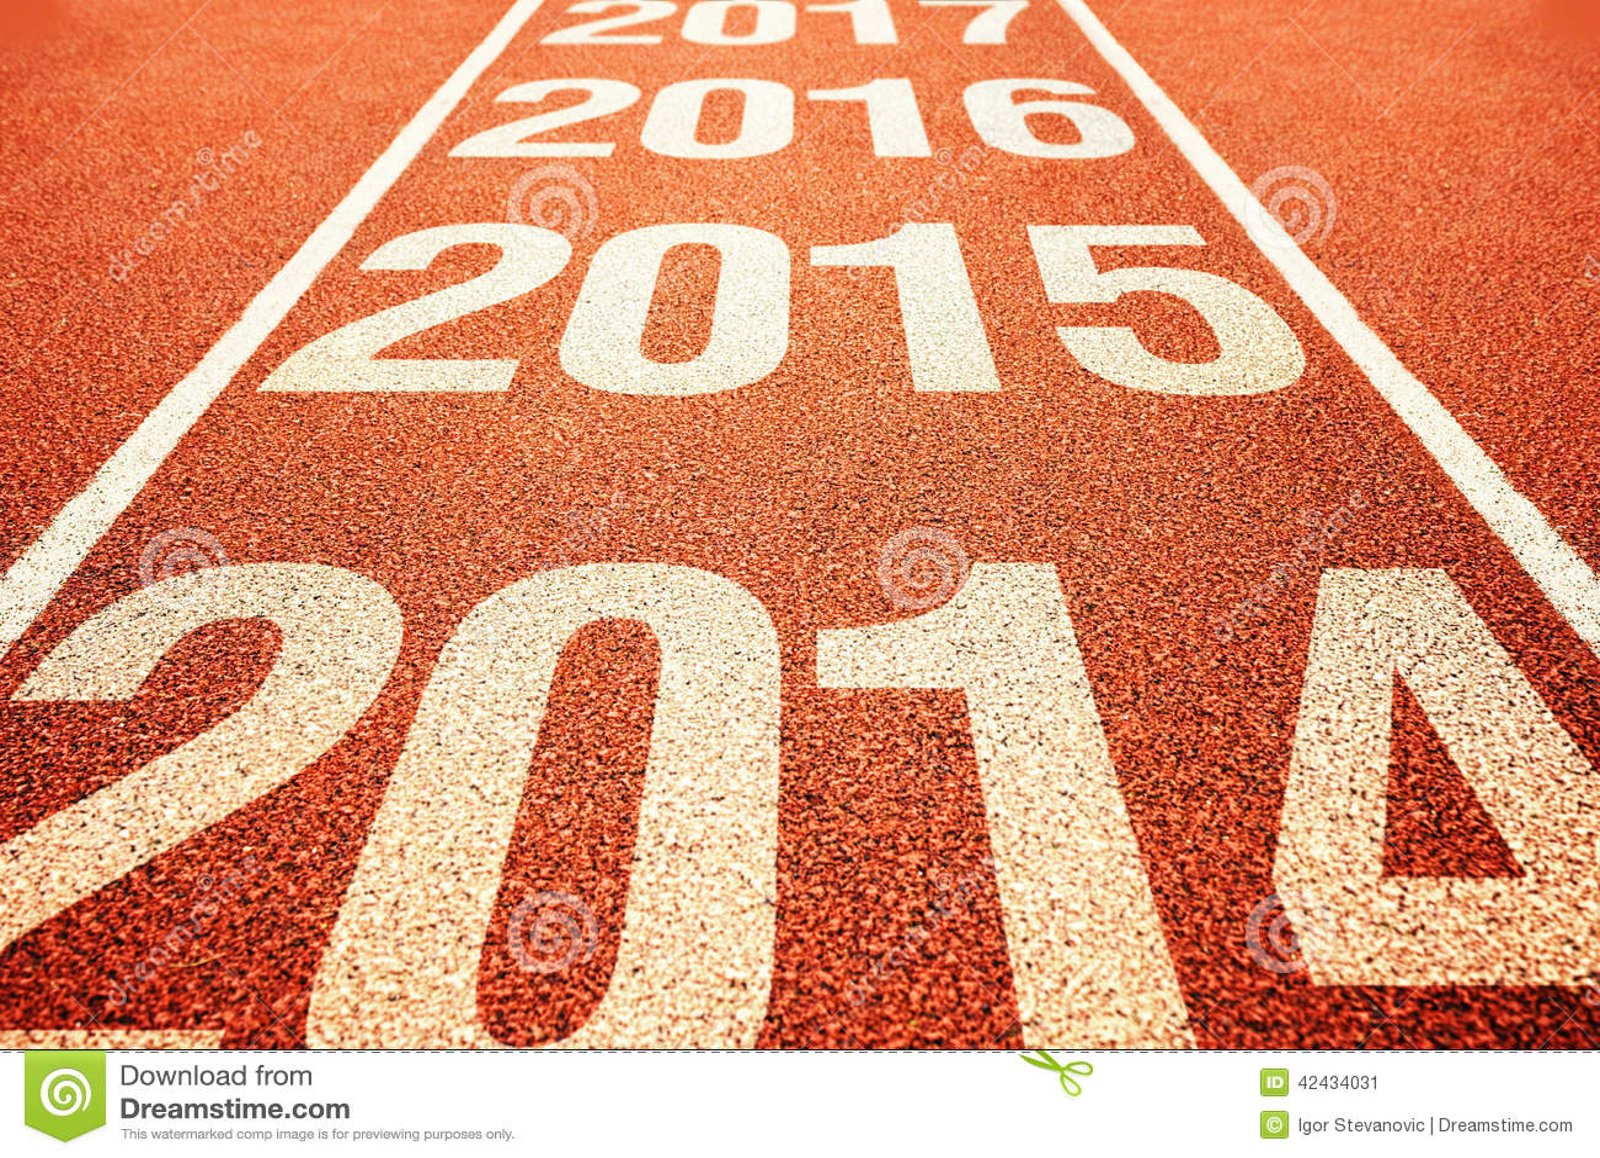 2015 en pista corriente para todo clima del atletismo